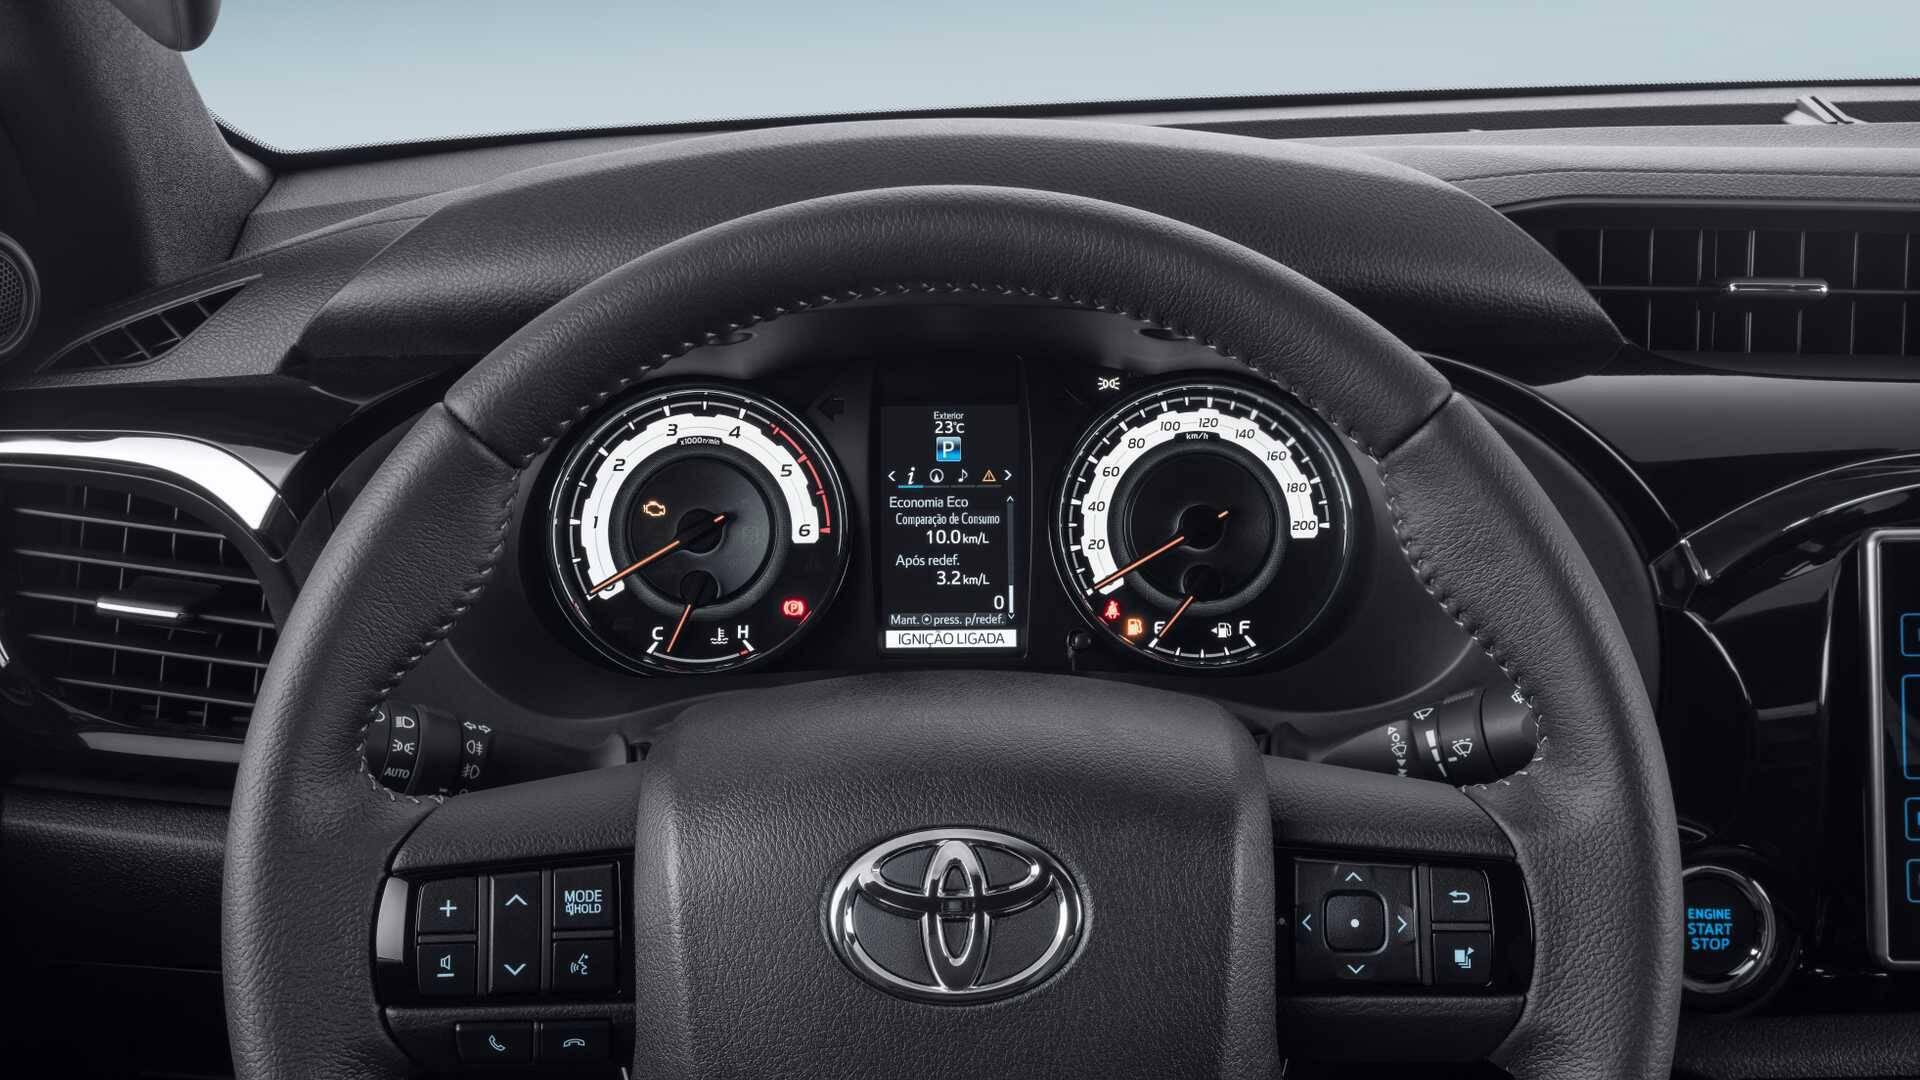 Toyota Hilux 2020. Foto: Divulgação